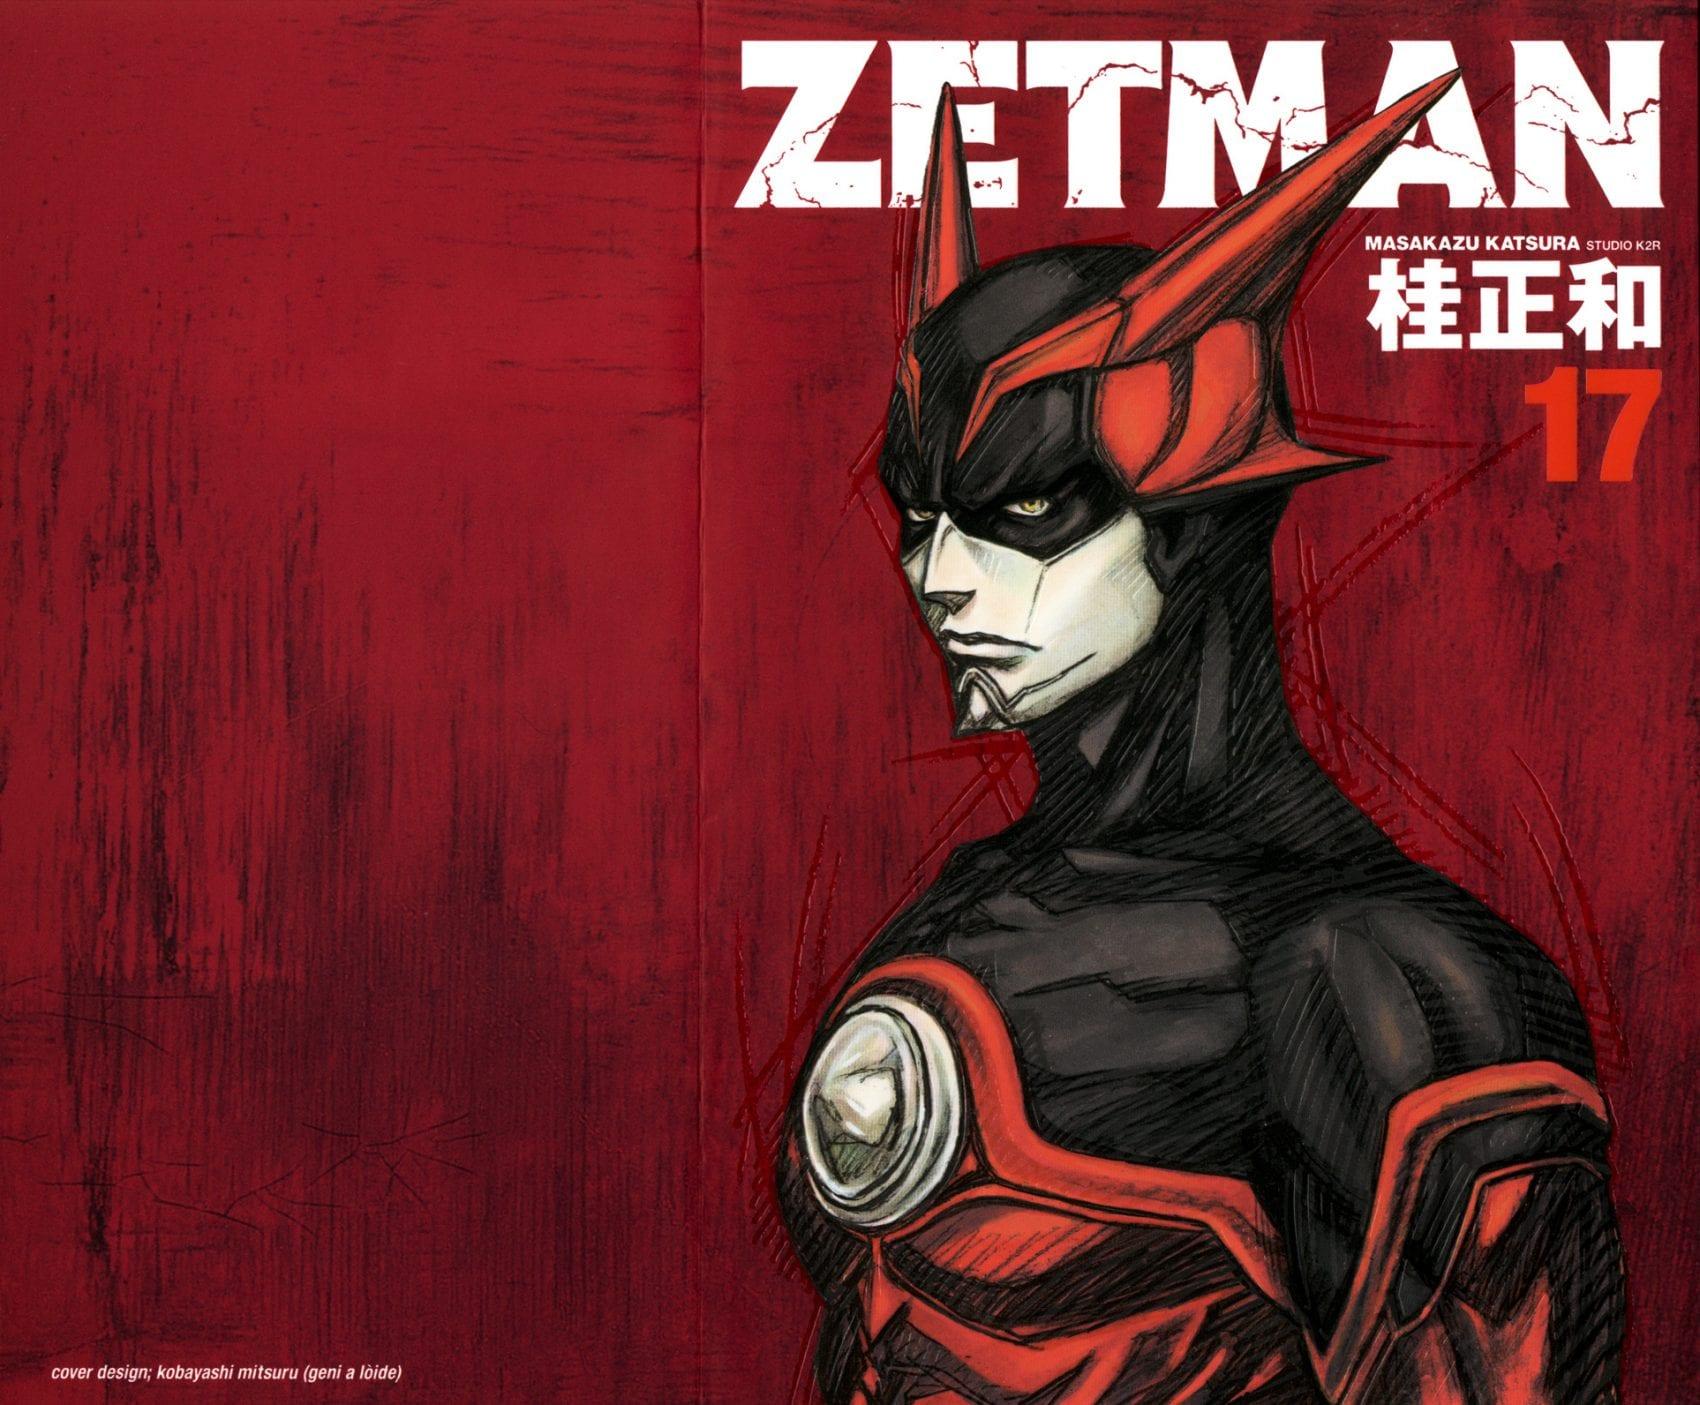 REVIEW – Zetman